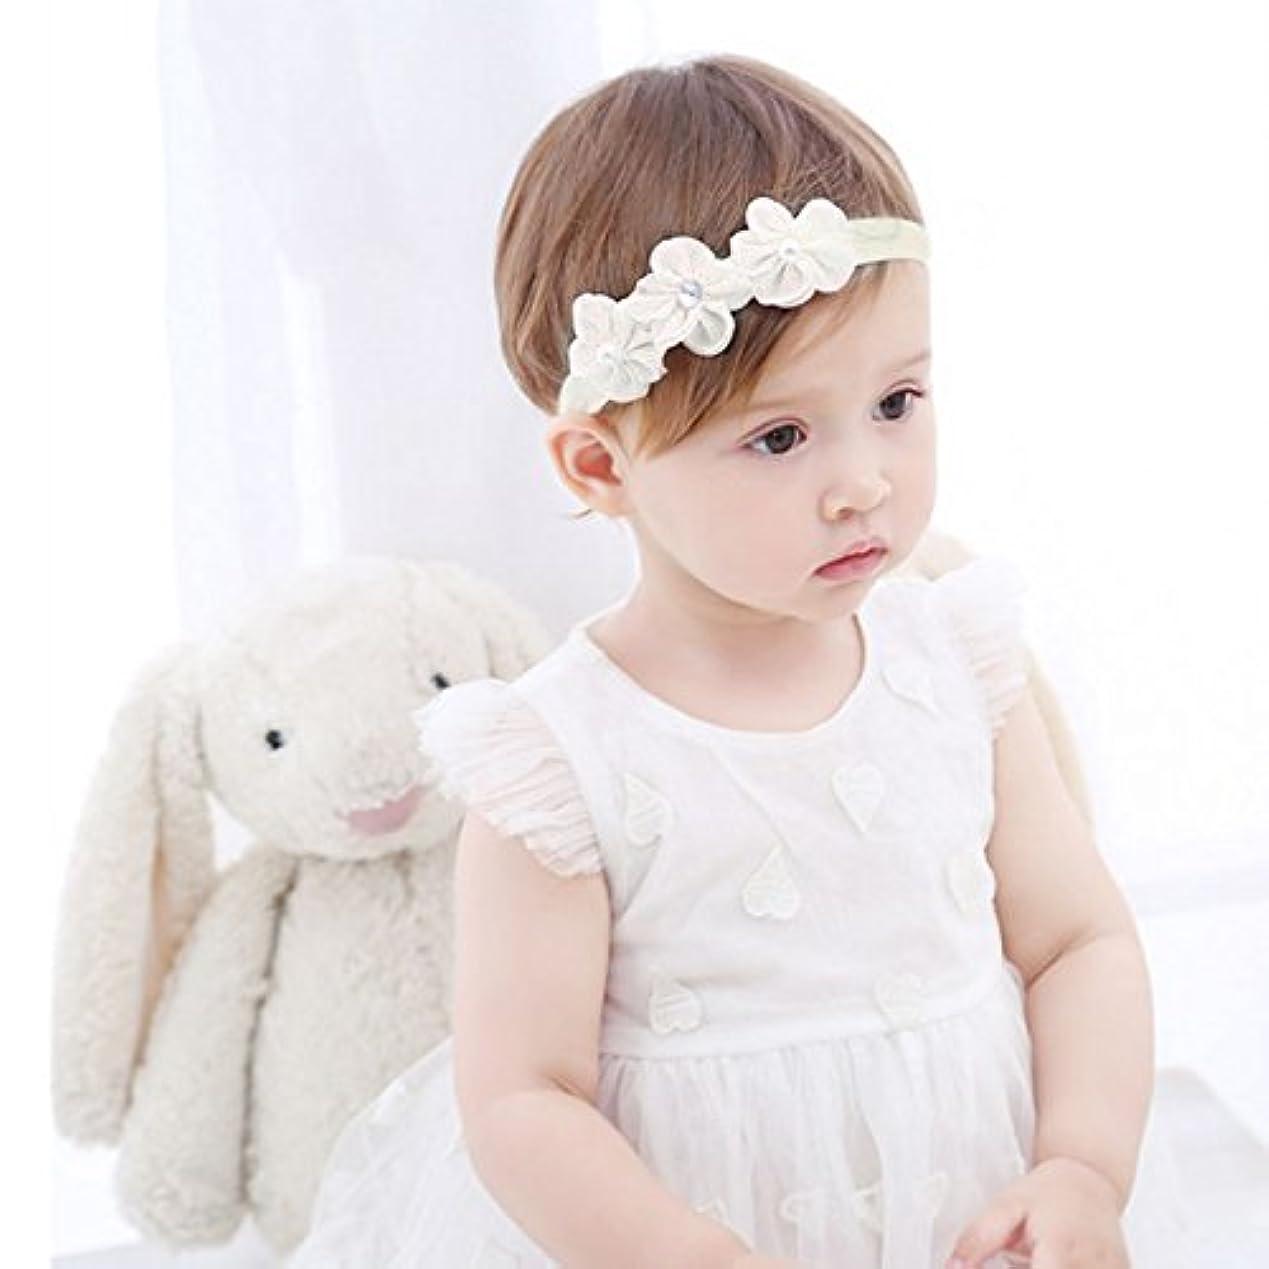 道を作る要求変更Refaxi 子供の赤ちゃんかわいい幼児のレースの花のヘアバンドヘッドウェアヘッドバンドアクセサリー